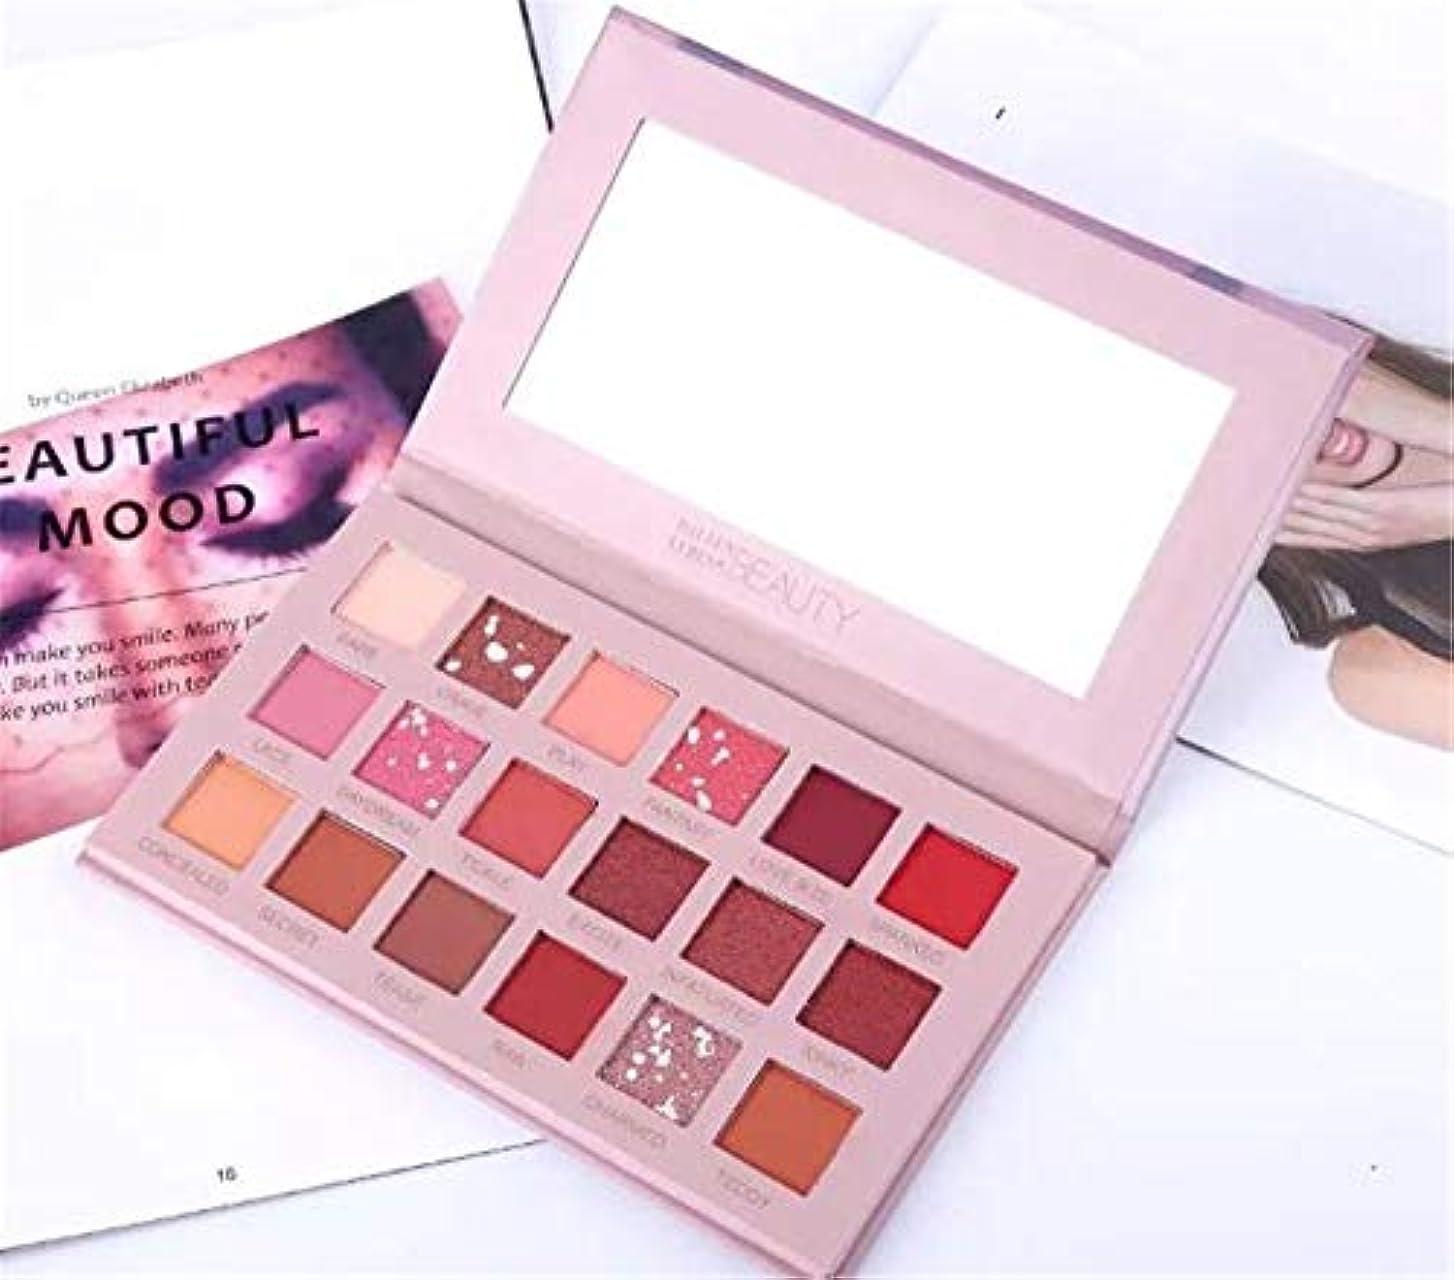 盟主漏れ不条理18色のアイシャドーの化粧品パールライト砂漠のバラのアイシャドウの美しい化粧品(3つ)